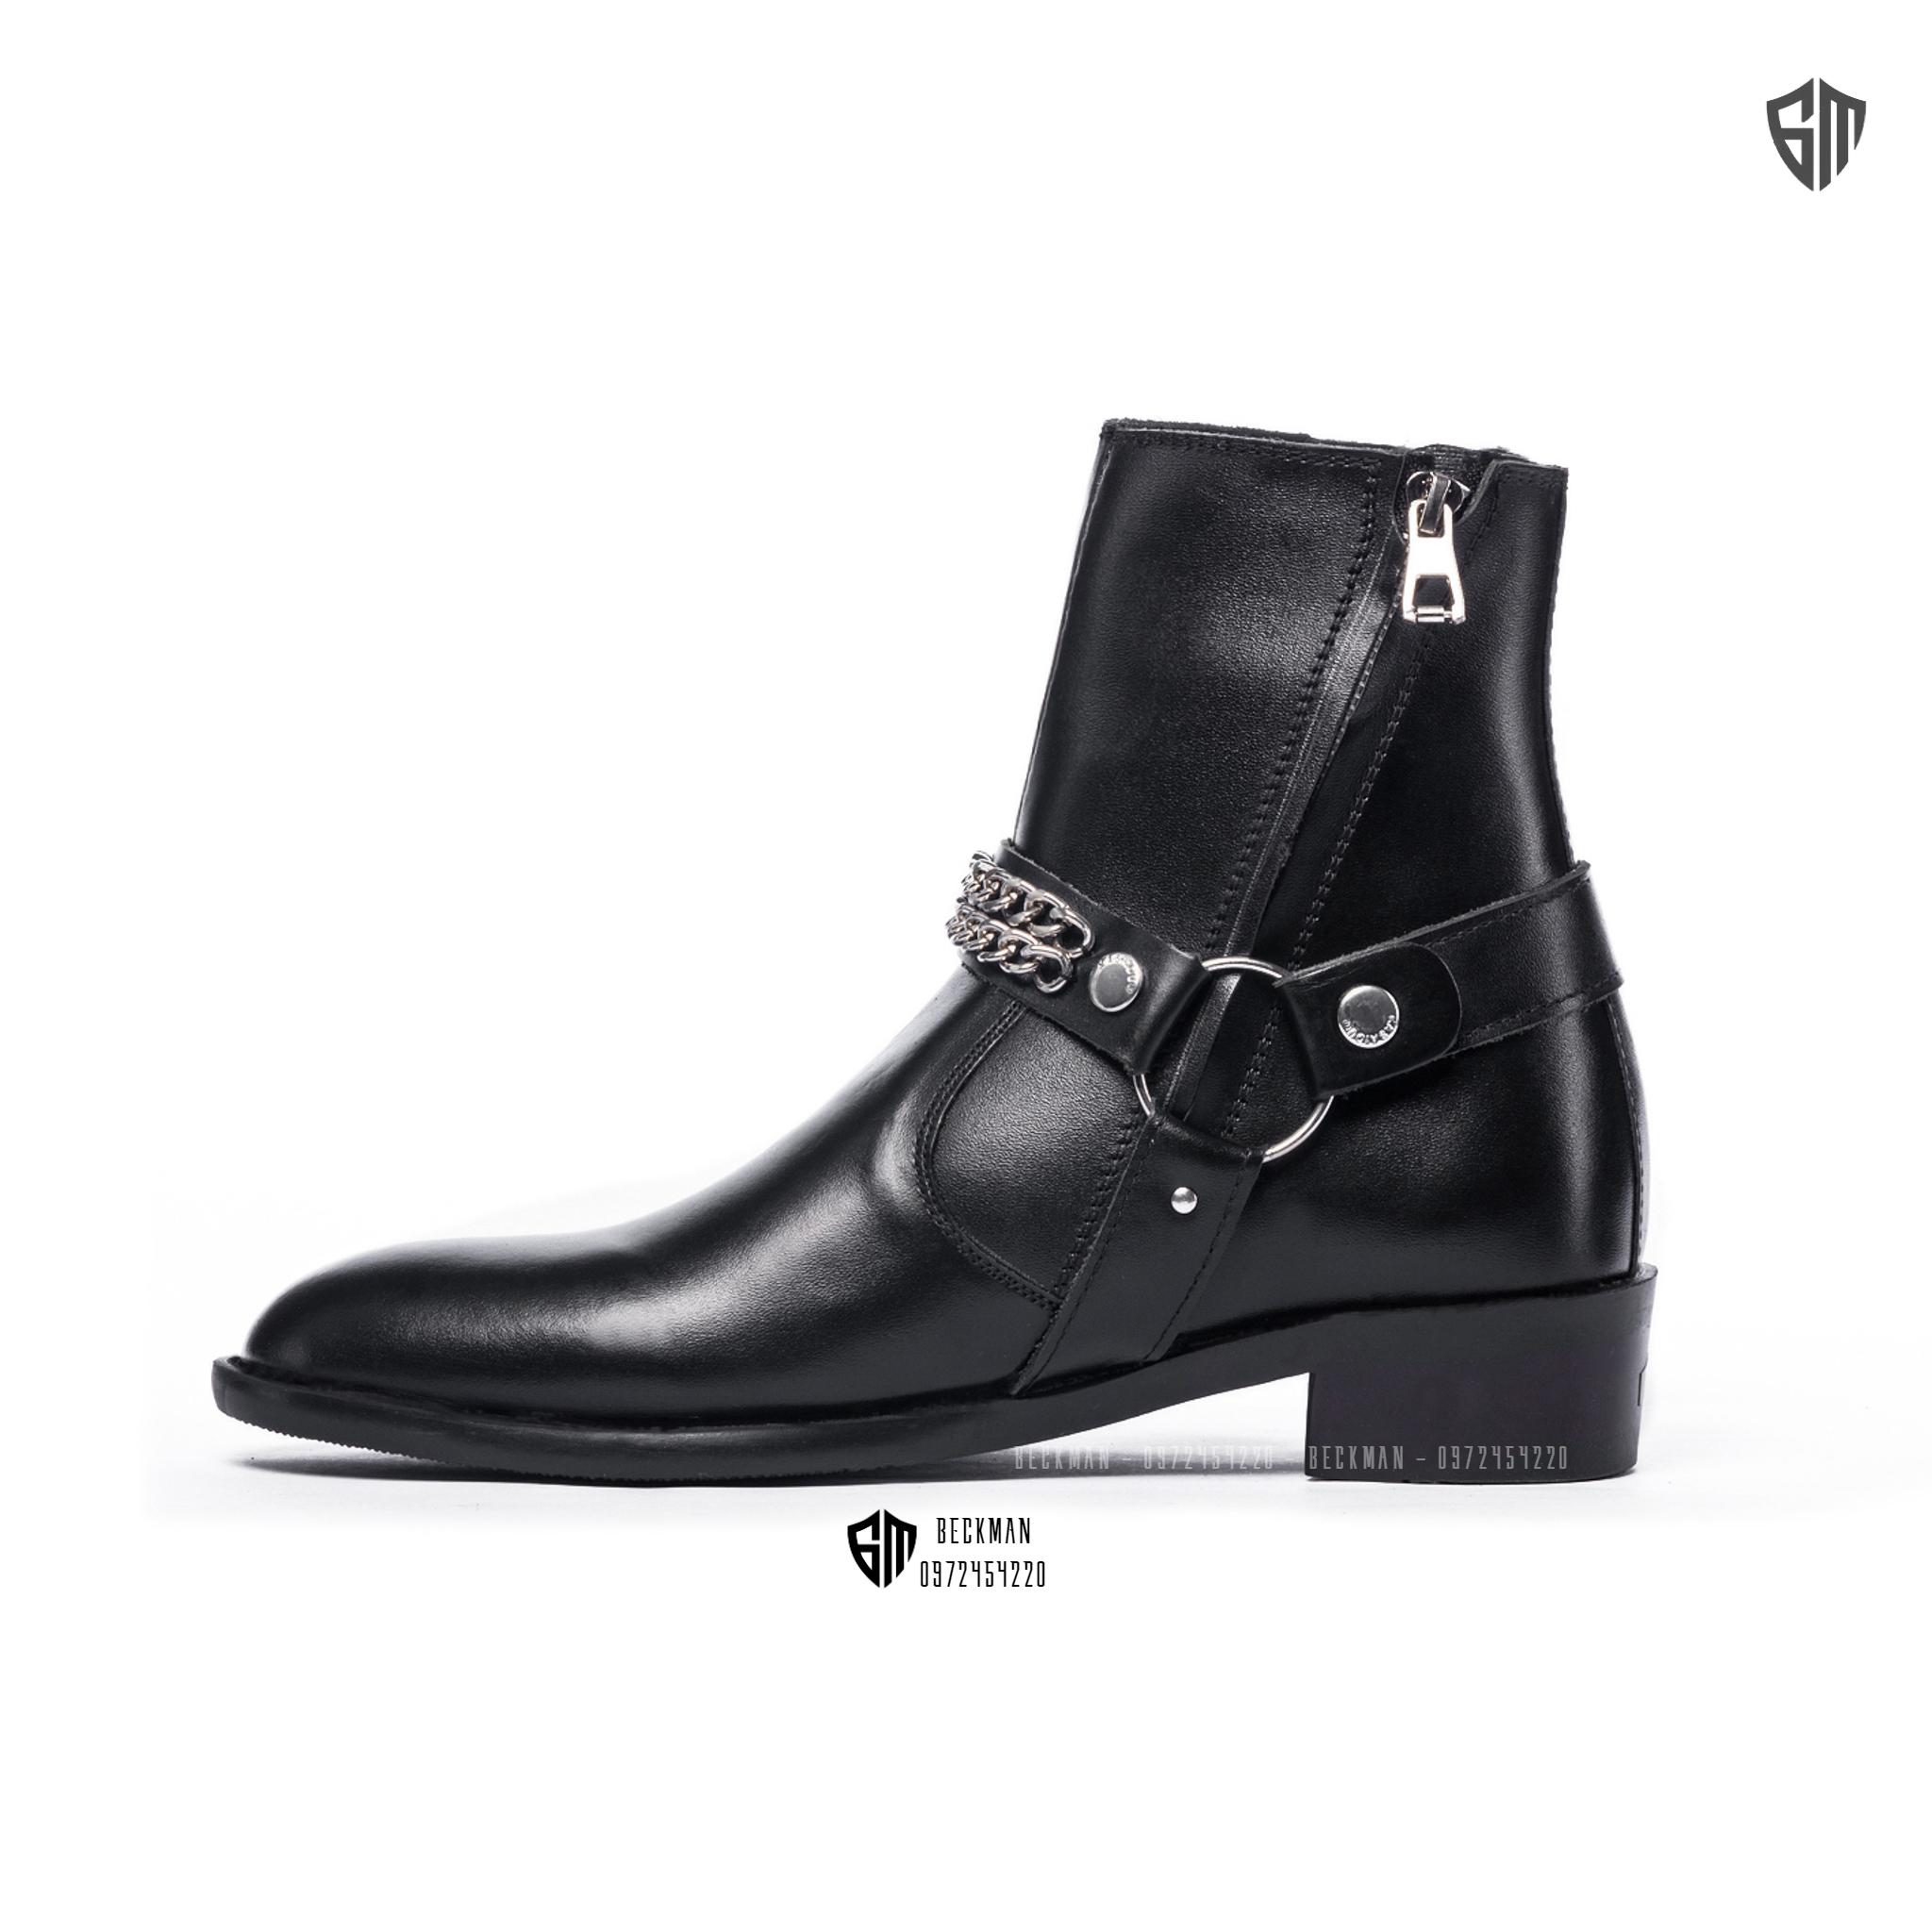 Giày nam Harness Boots Da Bò Đế Cao Su BẢO HÀNH 12 THÁNG (Tặng Lót Đế)